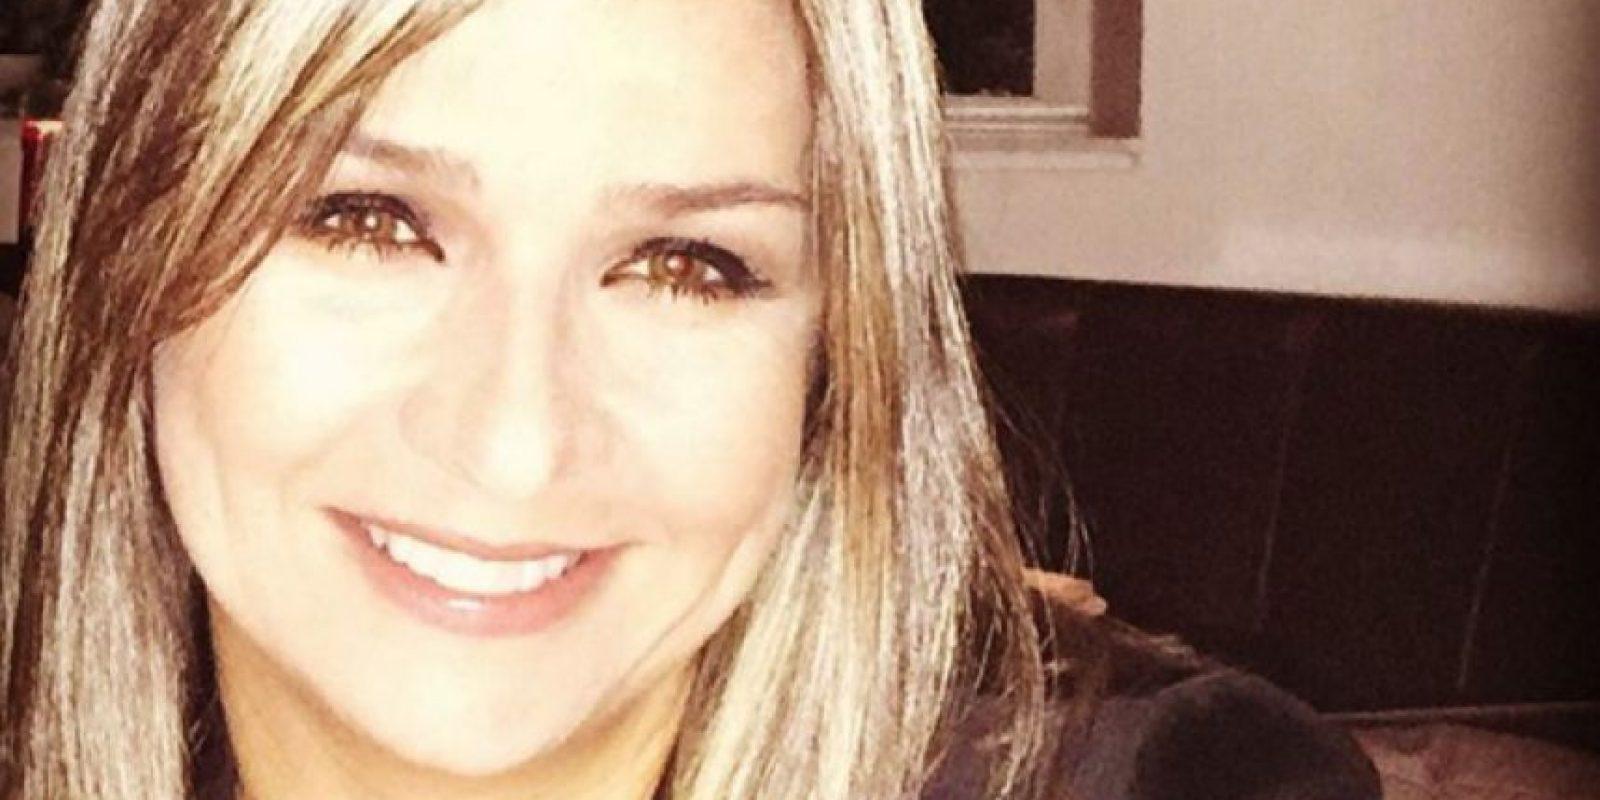 La periodista hoy está en el 'ojo del huracán' por la publicación del video. Foto:Instagram Vicky Dávila https://www.instagram.com/vickydavilaperiodista/